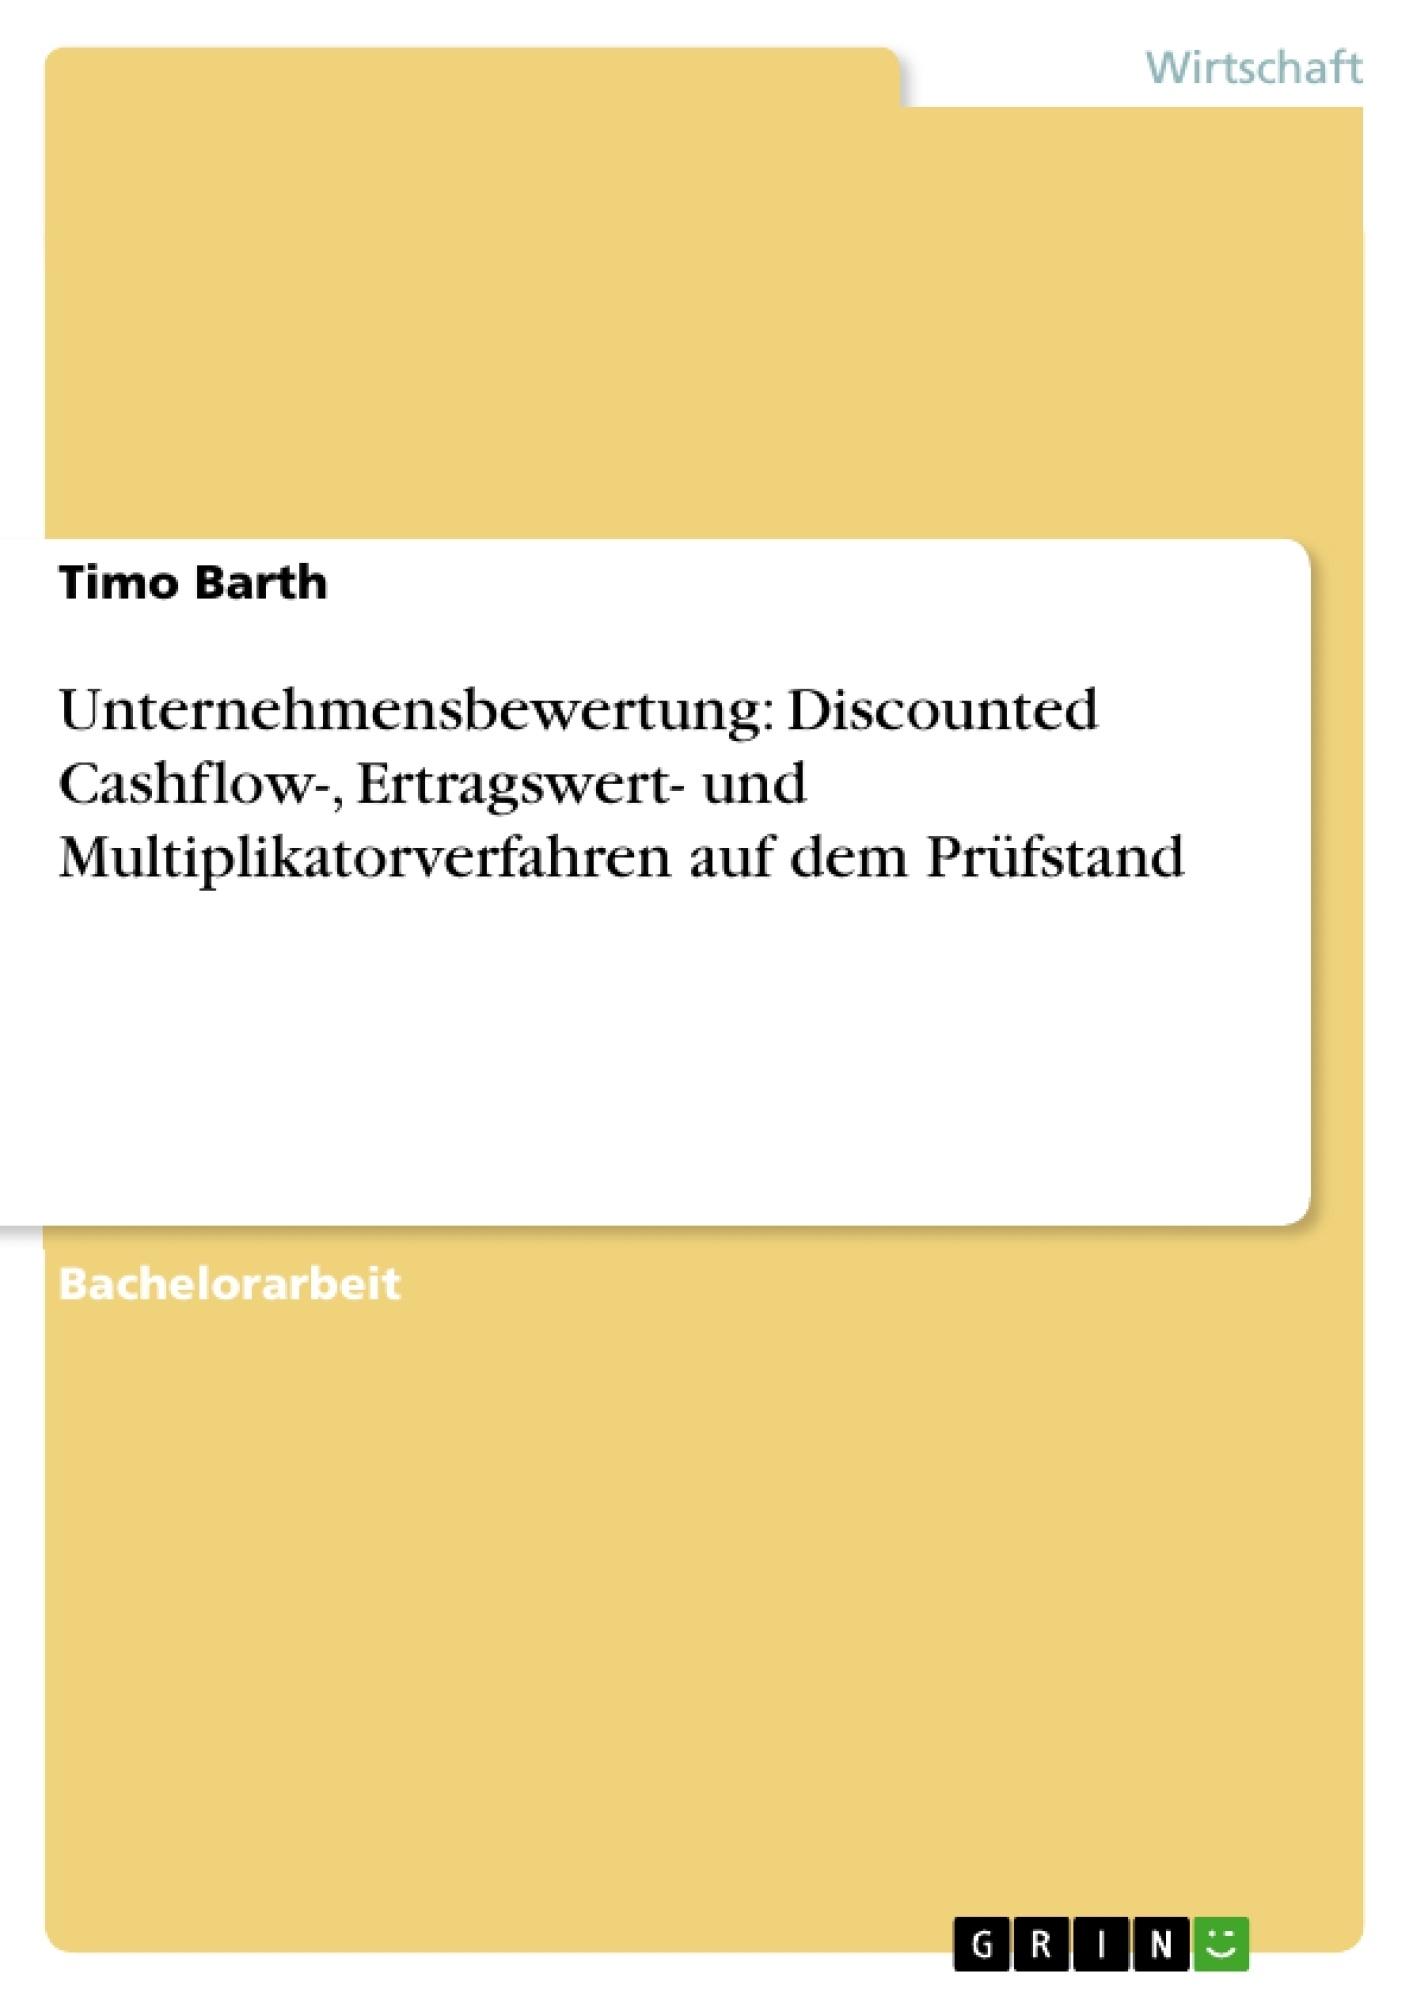 Titel: Unternehmensbewertung: Discounted Cashflow-, Ertragswert- und Multiplikatorverfahren auf dem Prüfstand